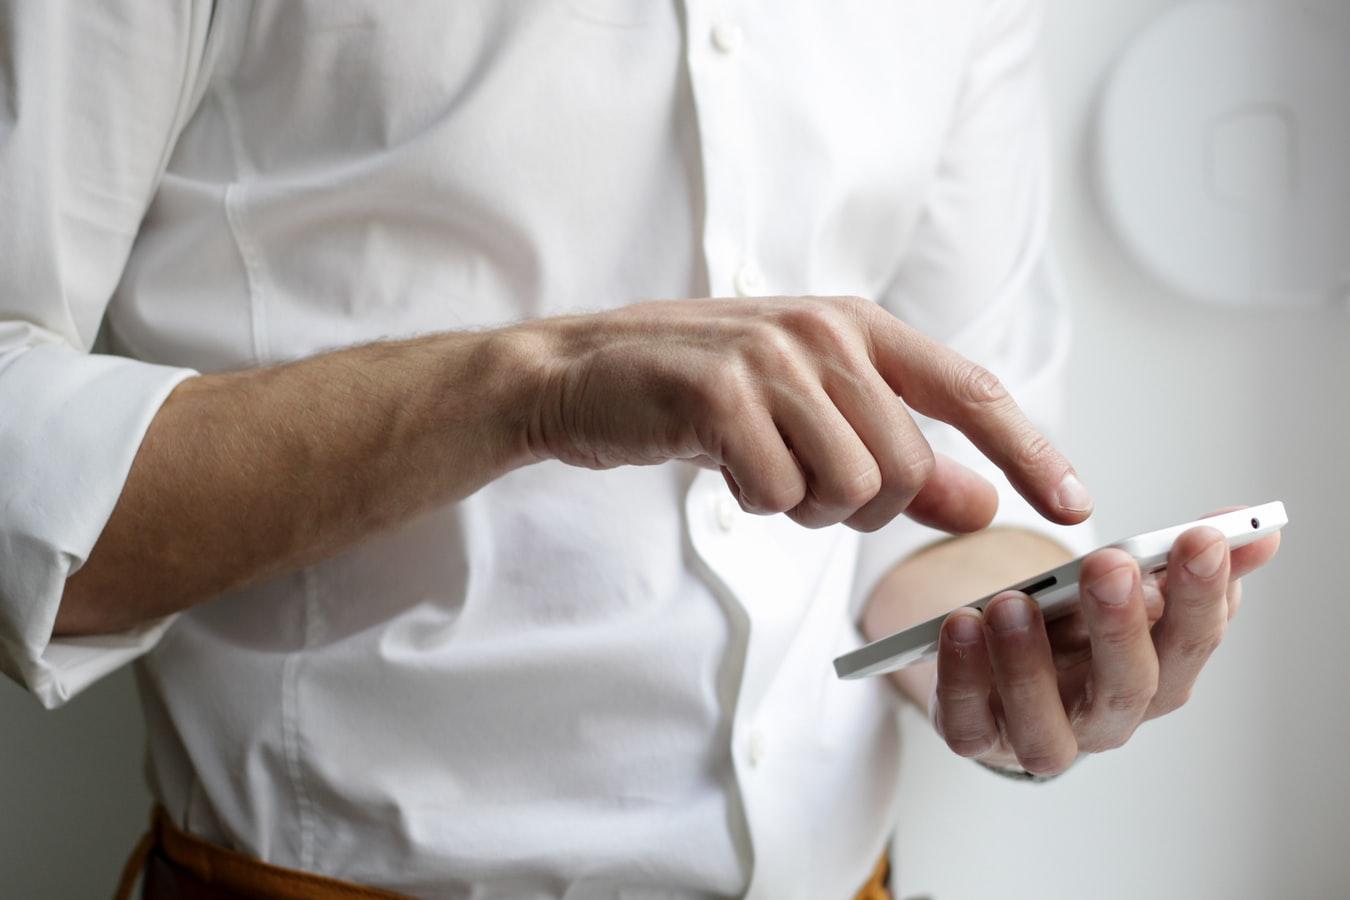 Changes in app usage behavior